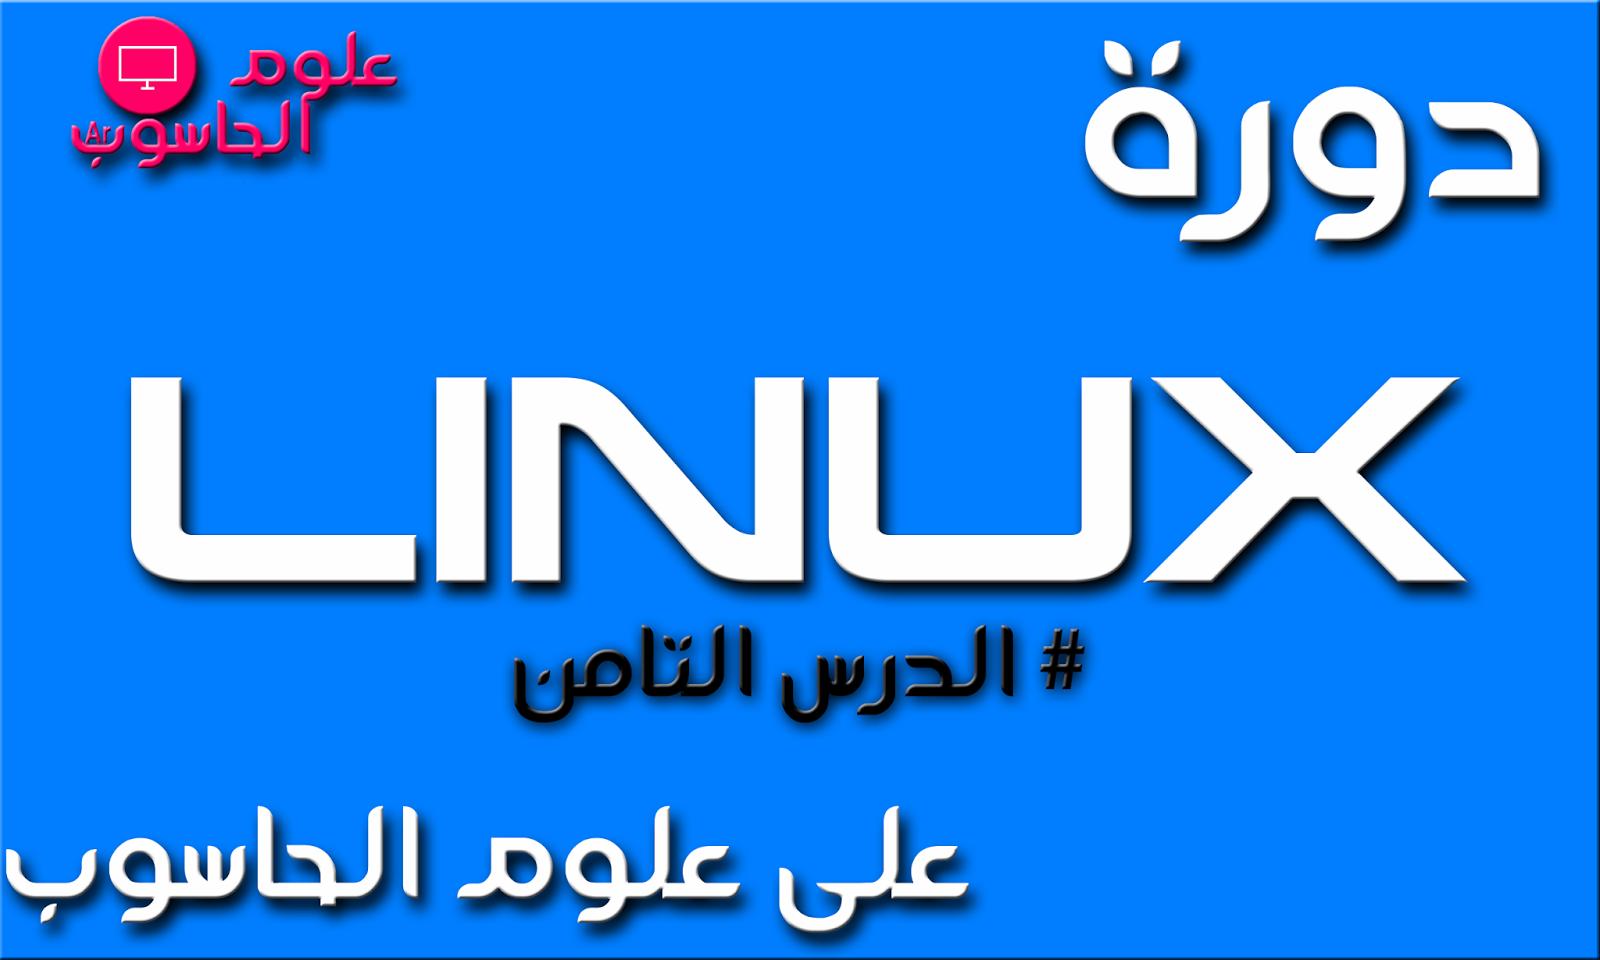 دورة لينكس Linux - الدرس التامن:البحت عن الكلمات بواسطة الأمر grep